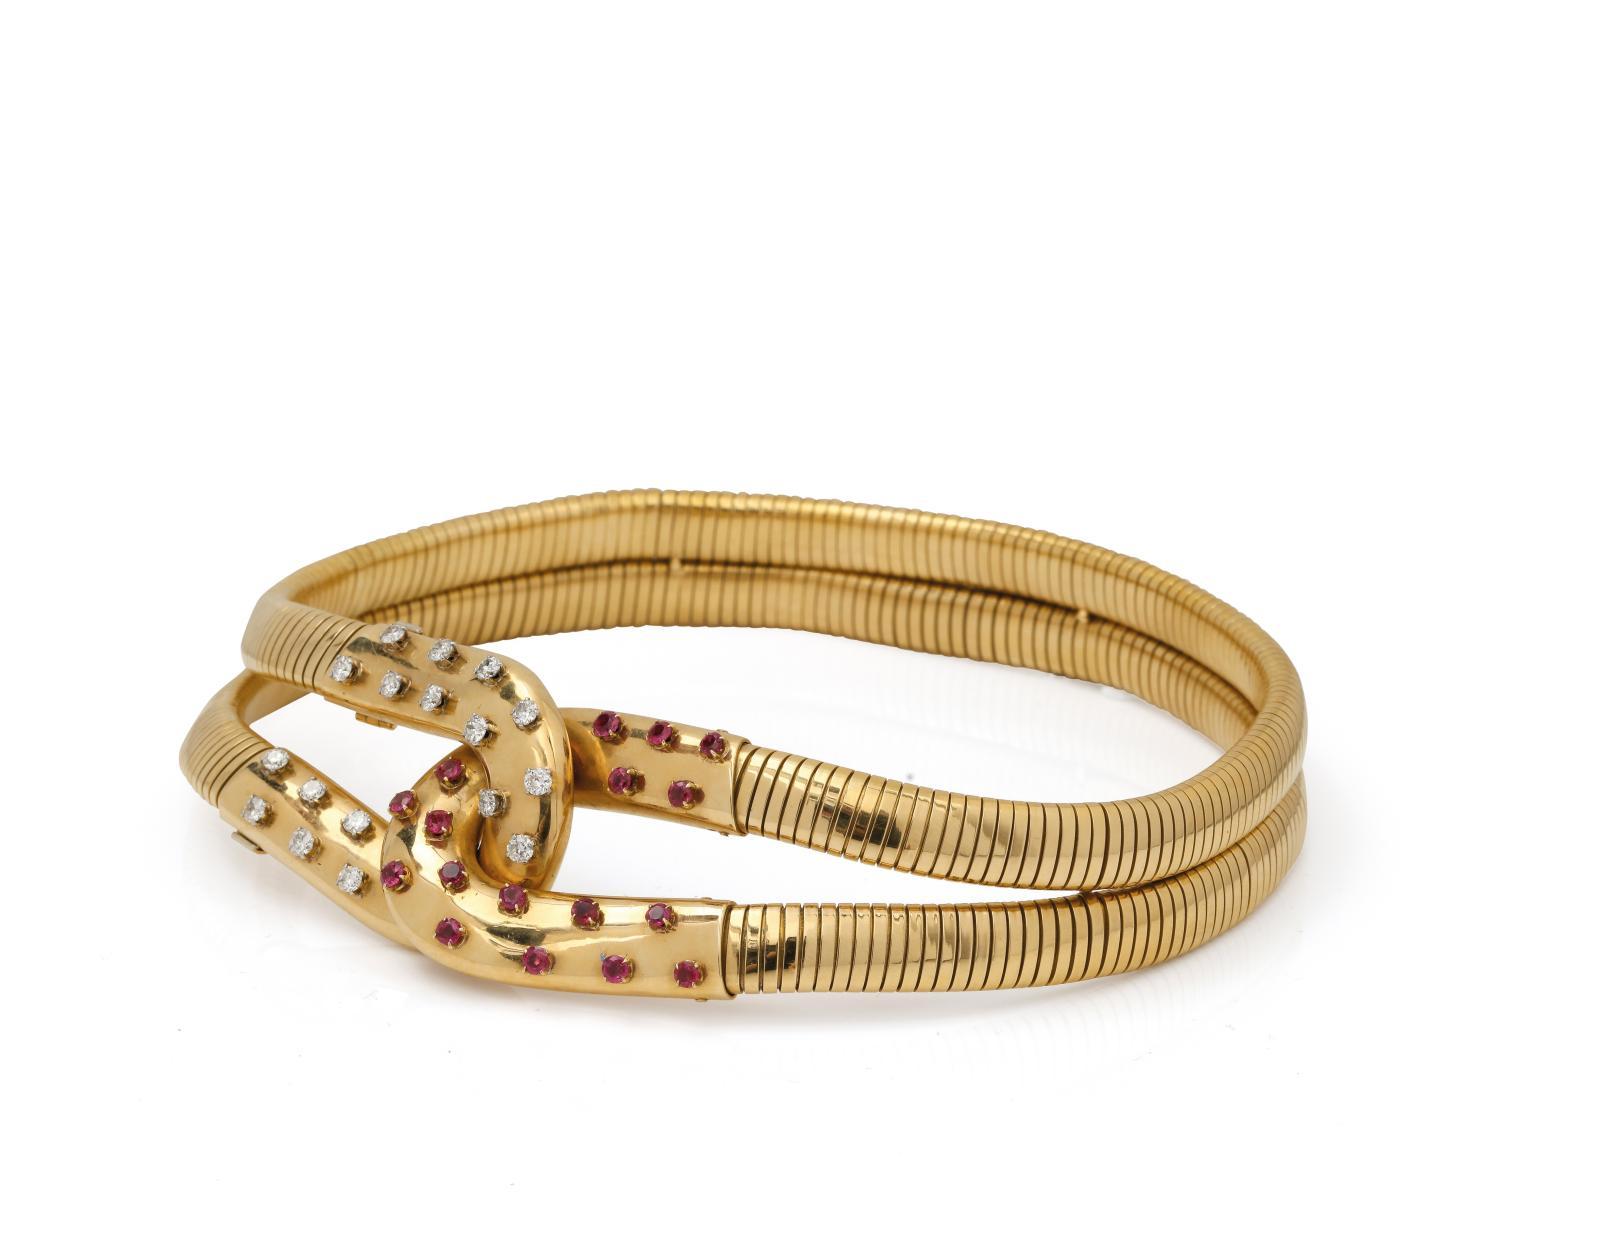 32864€ Van Cleef & Arpels, vers 1946, collier ras de cou «Belle Hélène» en tubogas à double rang en or et nœud mobile orné de diamants e